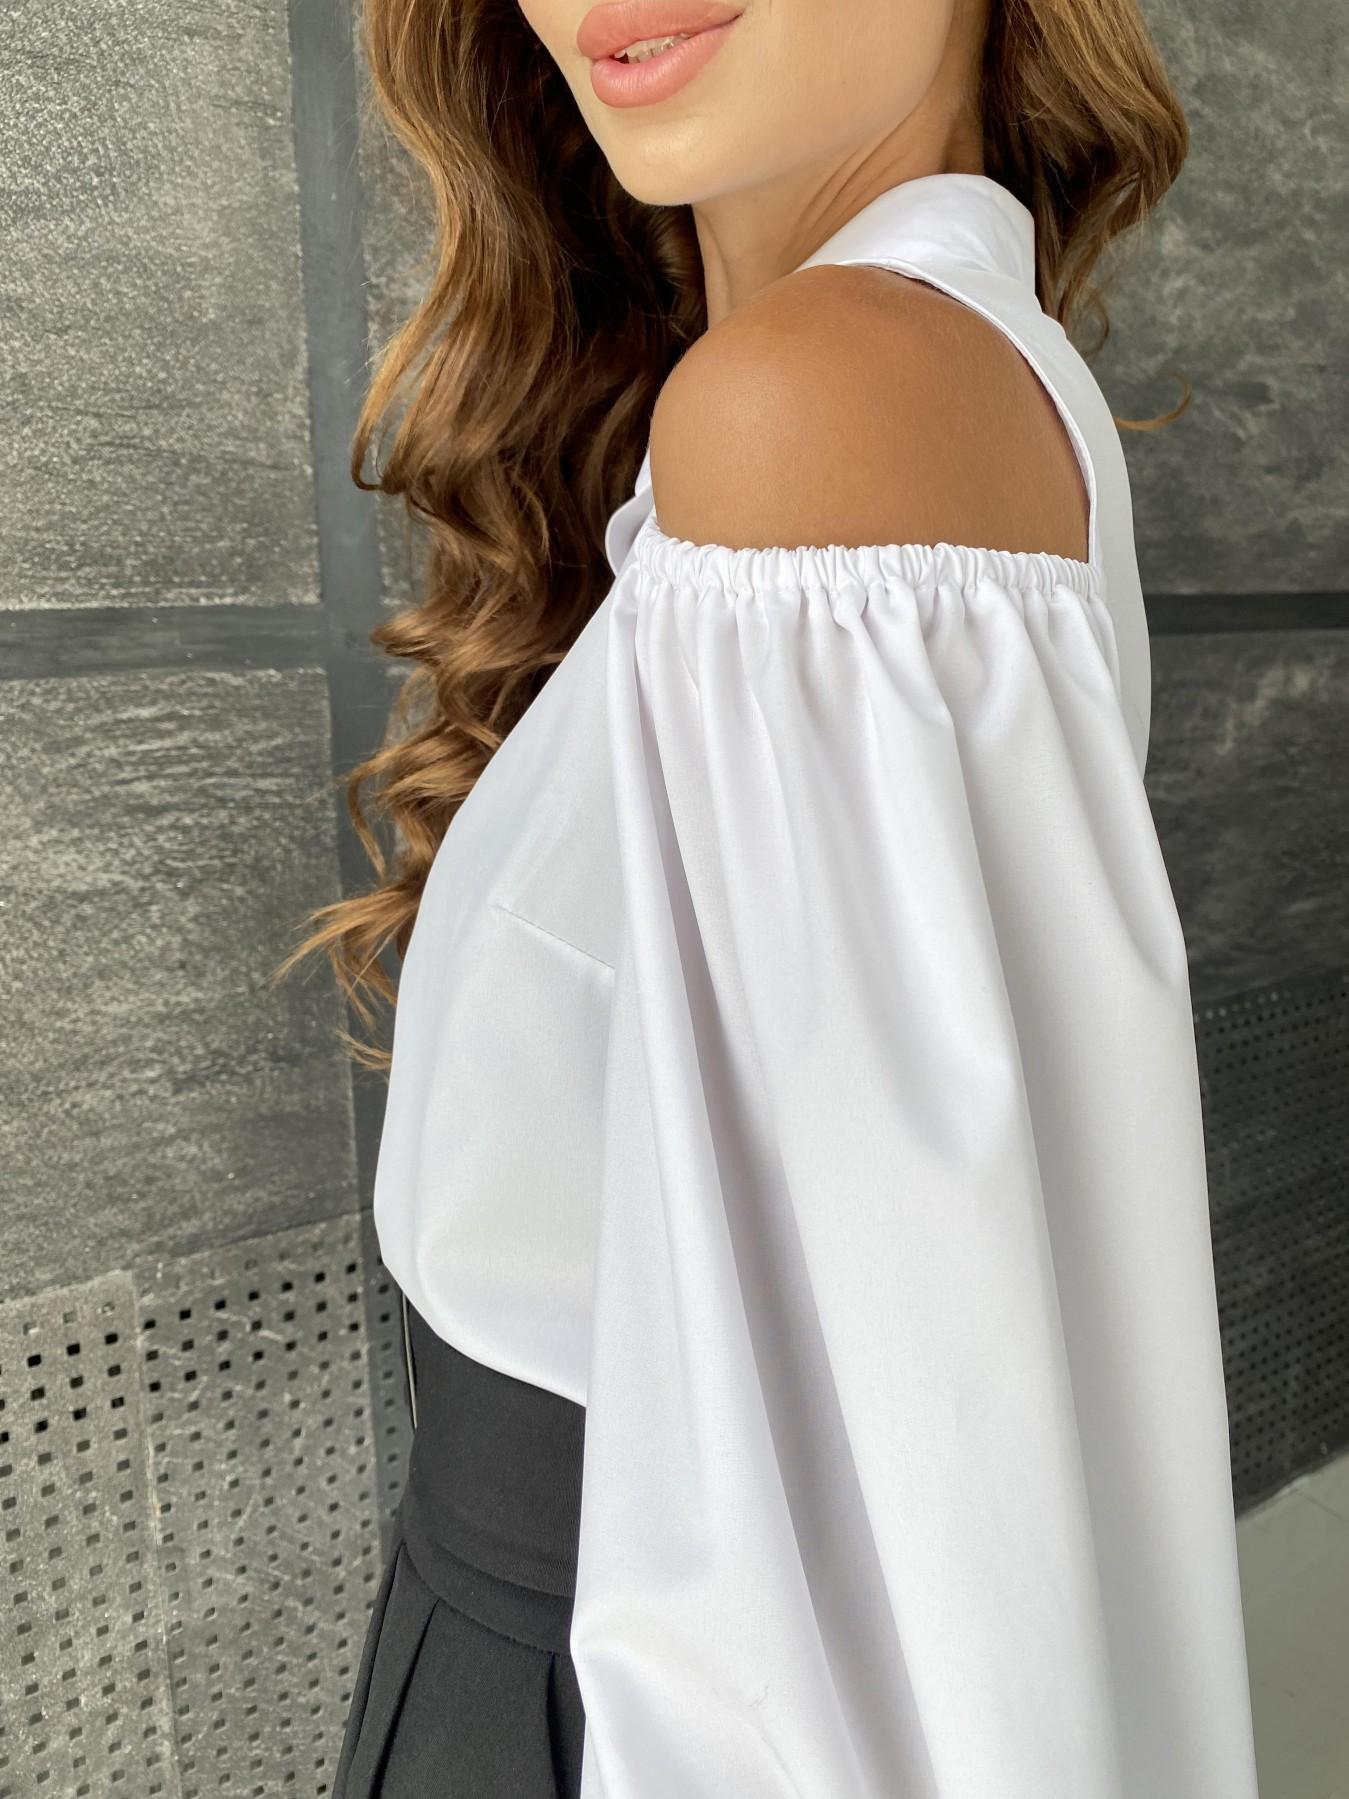 Адель блуза софт однотонный 11662 АРТ. 48373 Цвет: Белый - фото 6, интернет магазин tm-modus.ru